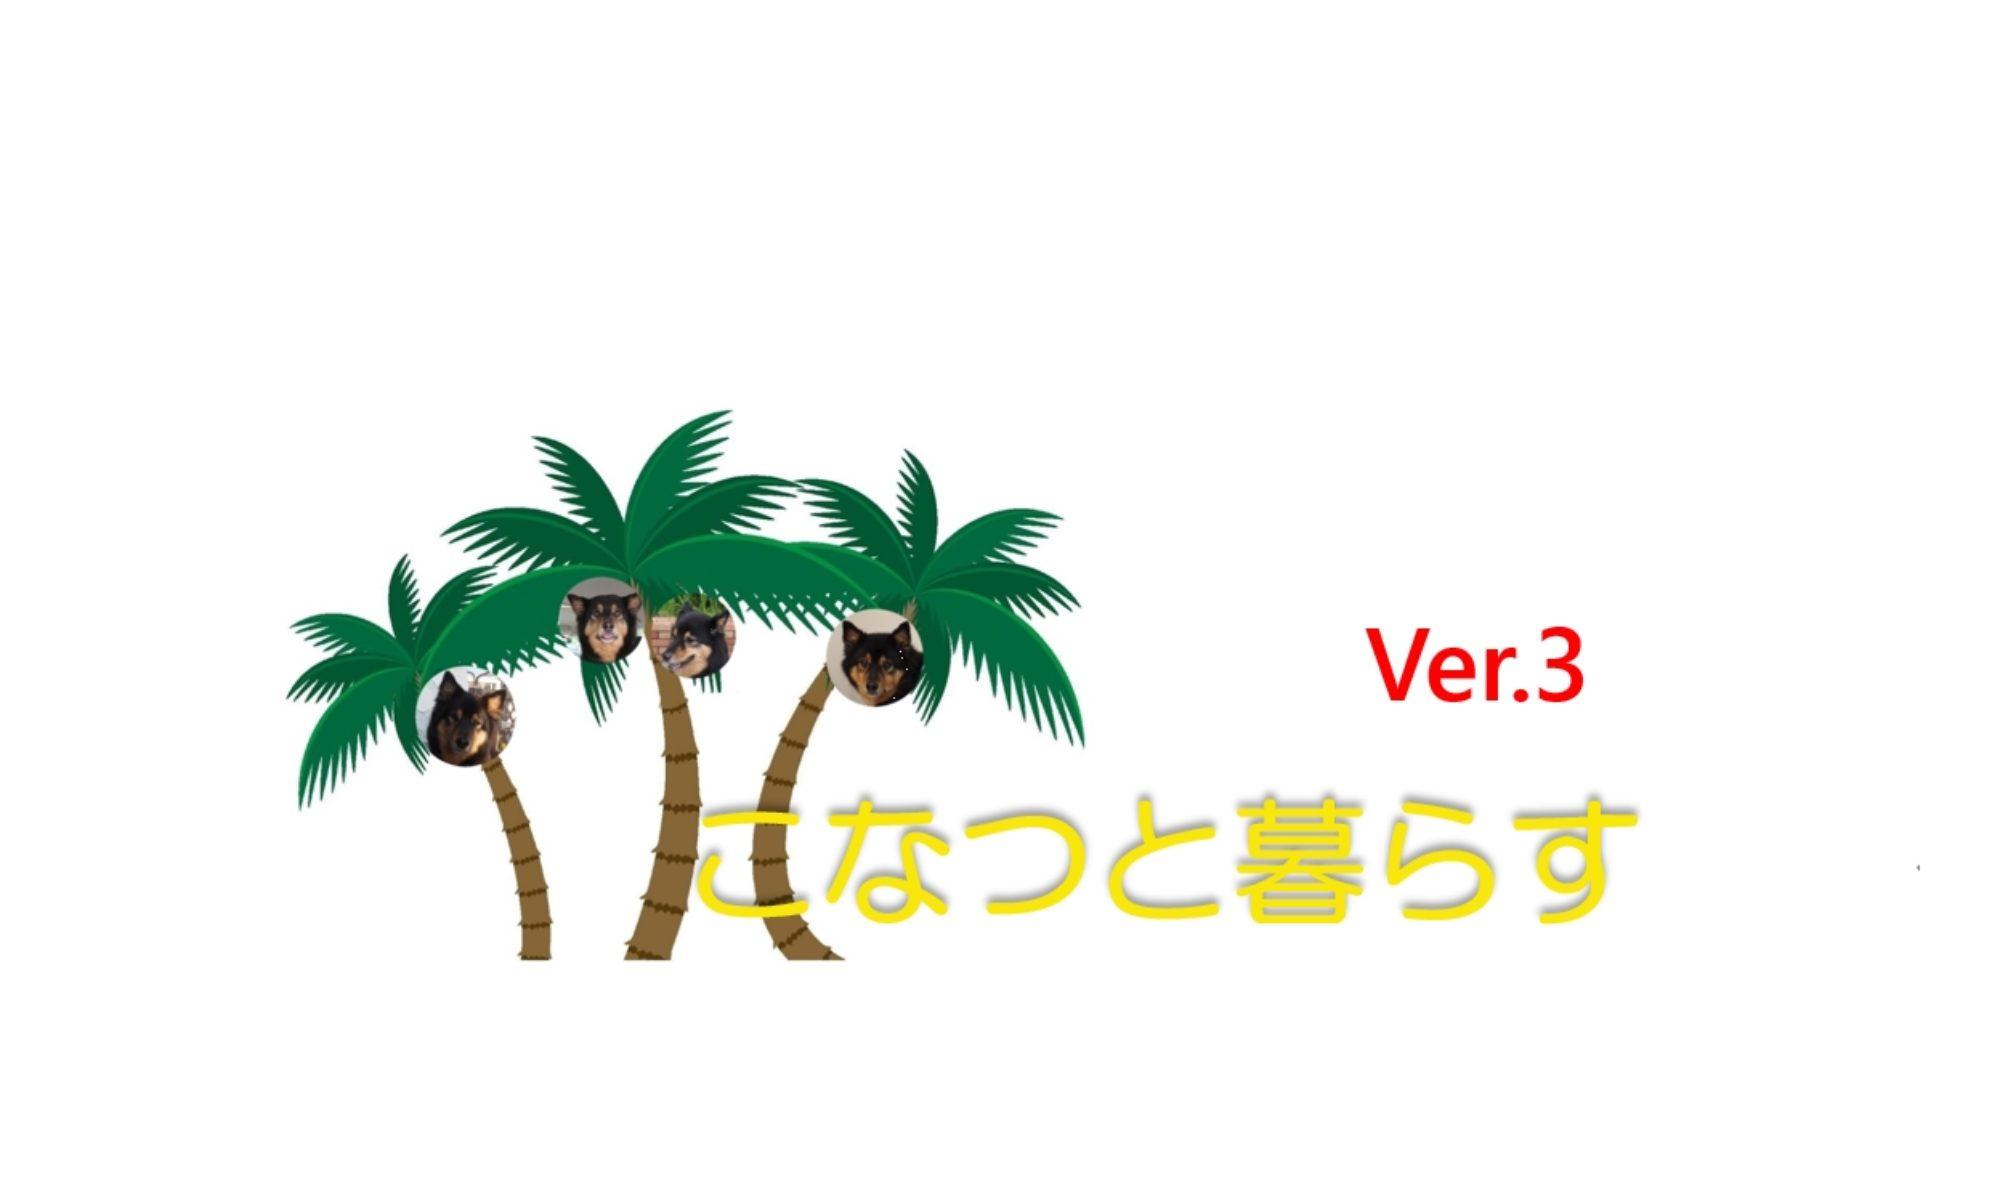 こなつと暮らす Ver.3